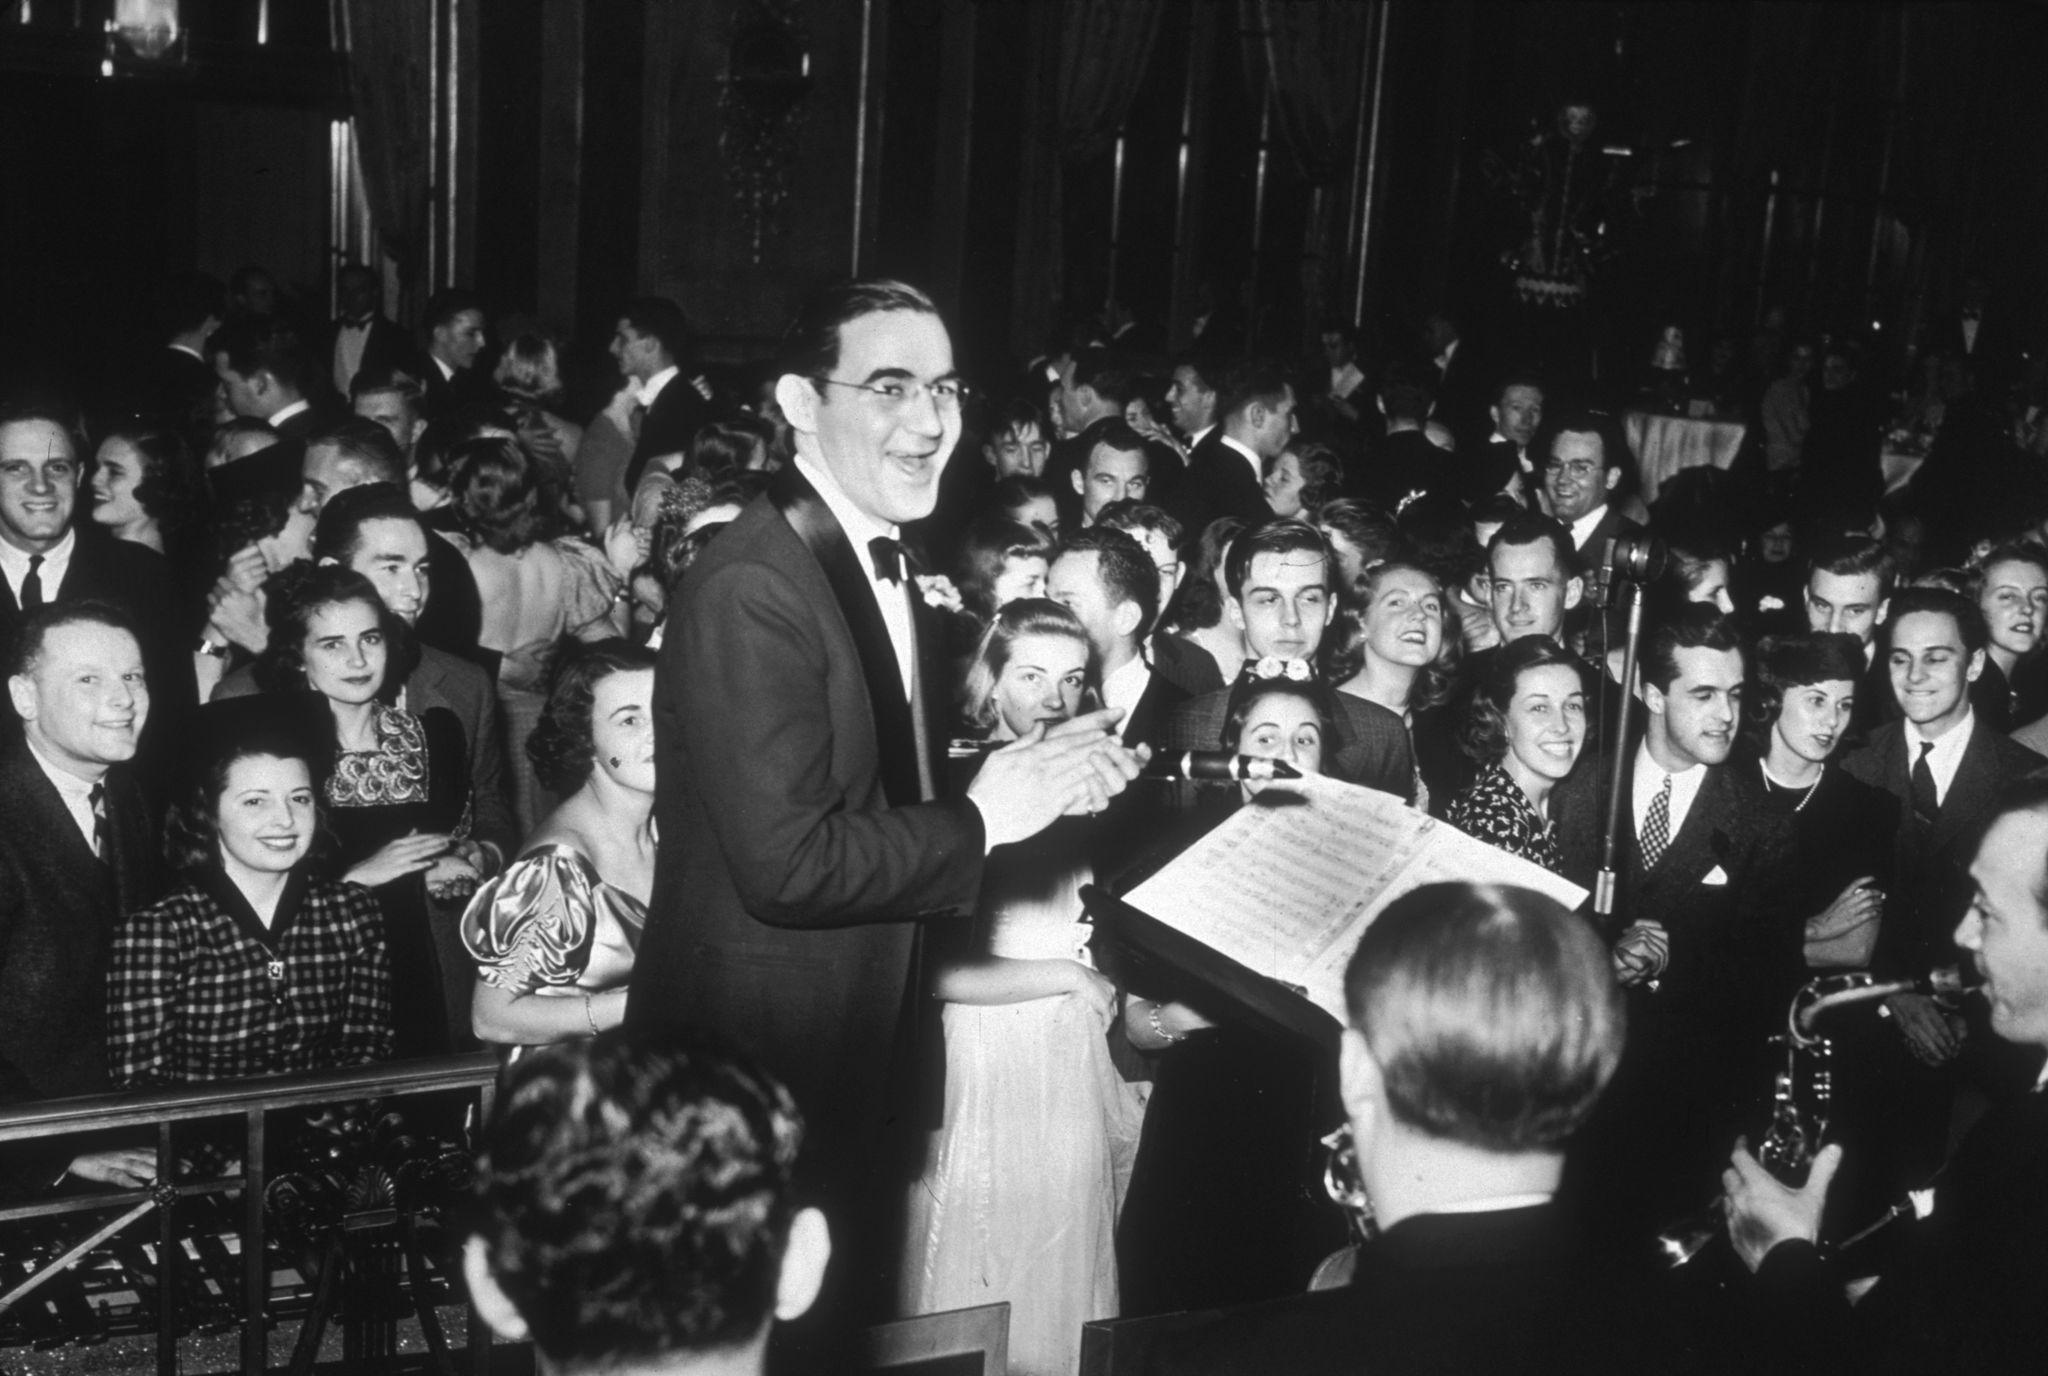 1938. Джазовый музыкант и руководитель группы Бенни Гудман и его оркестр играют для восторженной публики во время новогодней вечеринки в Waldorf Asto…